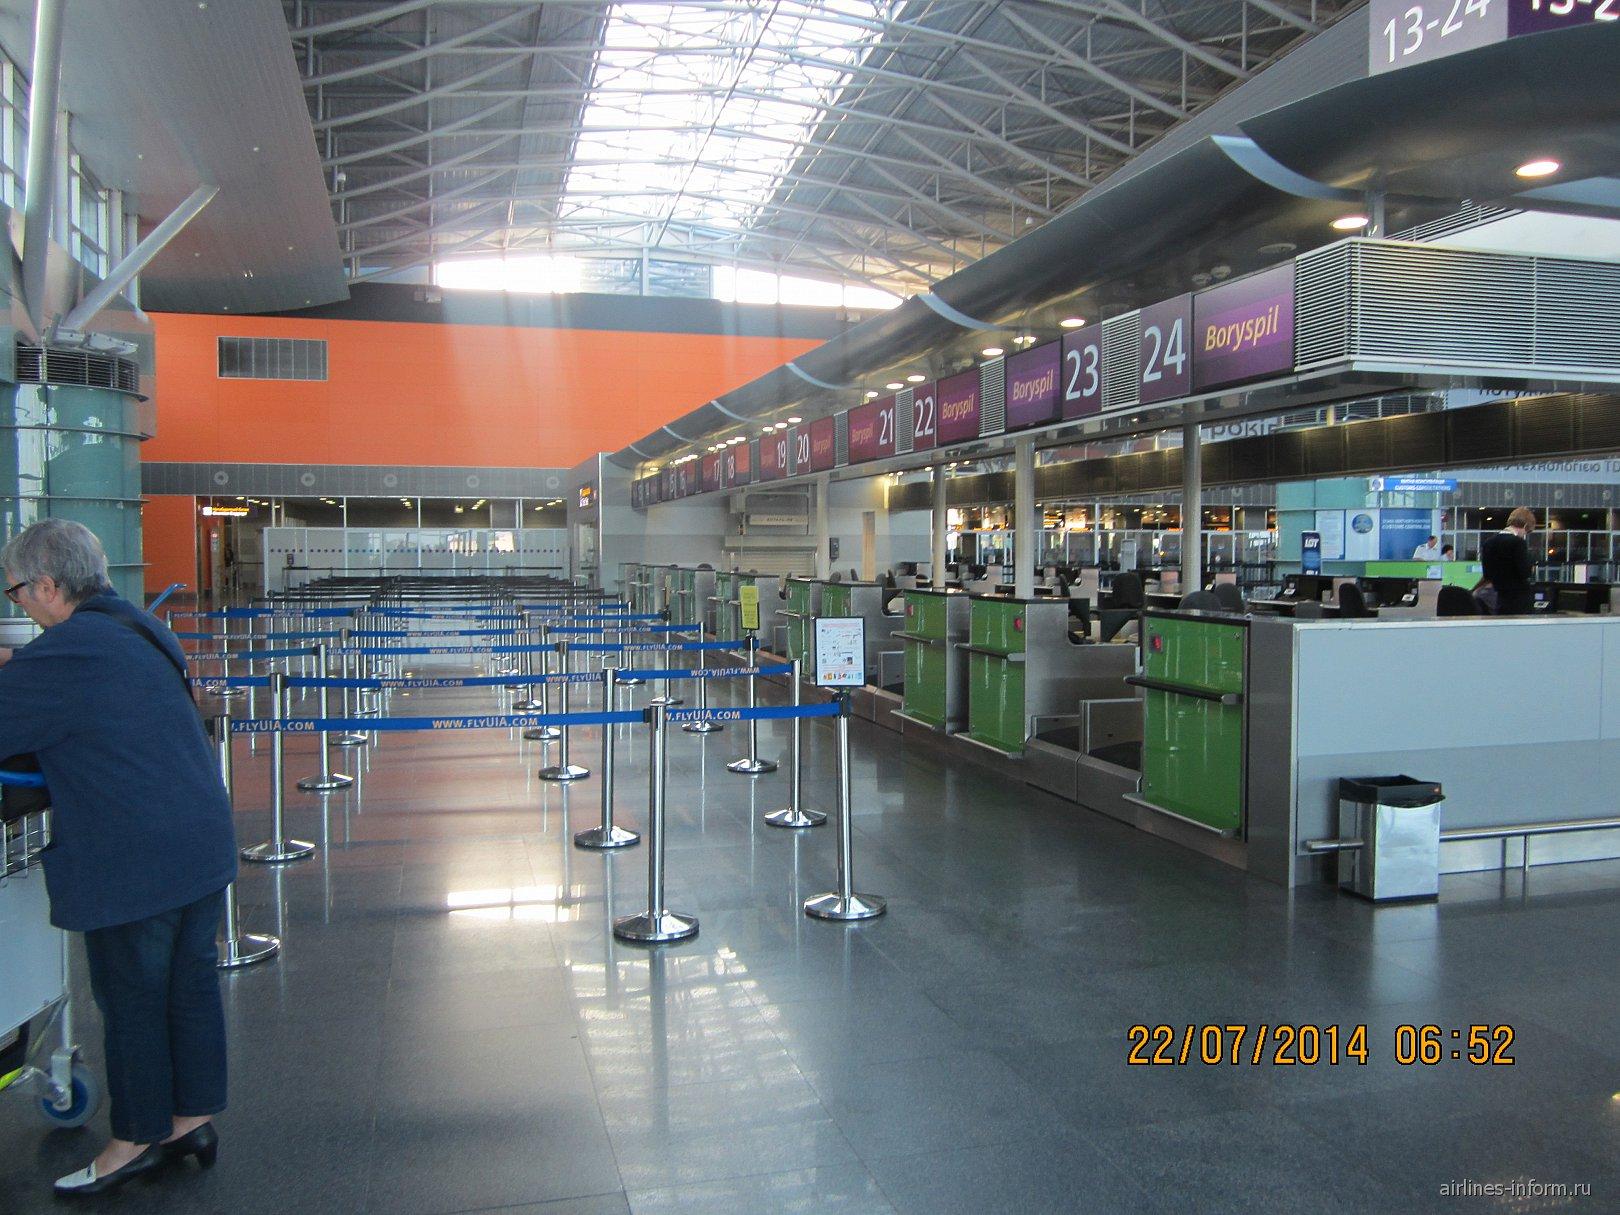 Стойки регистрации в терминале D аэропорта Киев Борисполь